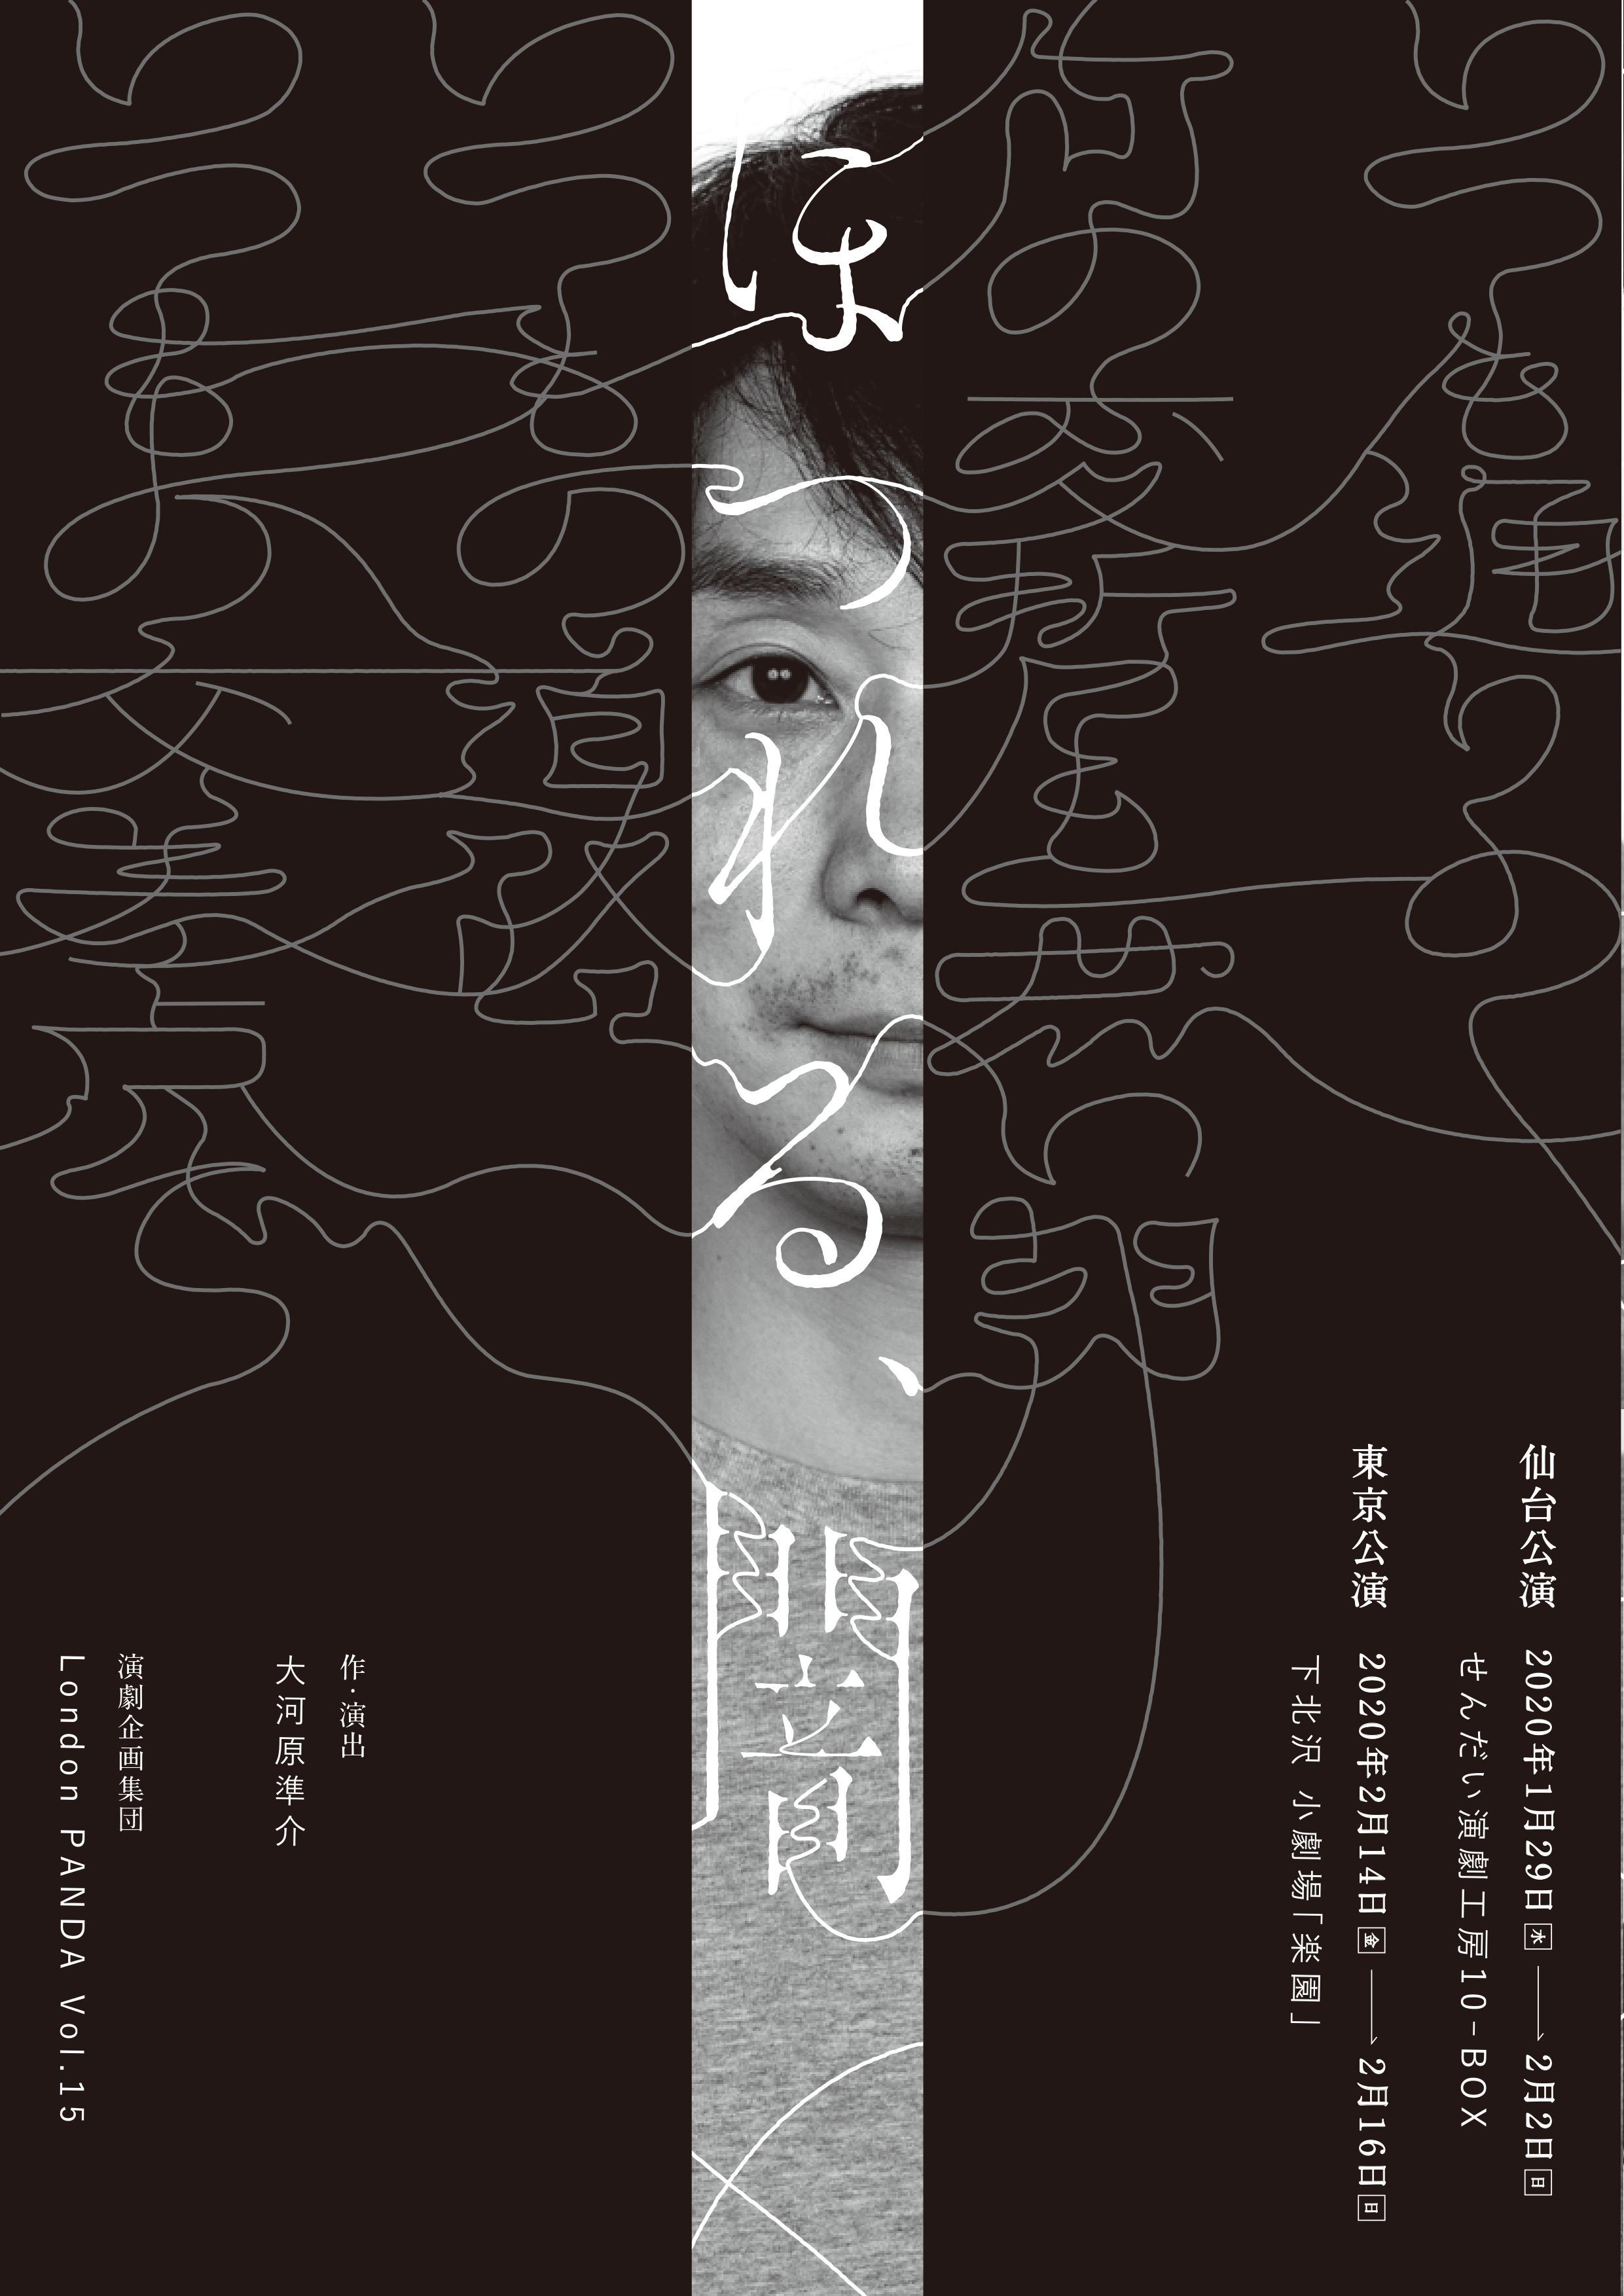 [仙台]1/29(水)19時 演劇企画集団LondonPANDA『ほつれる、闇』